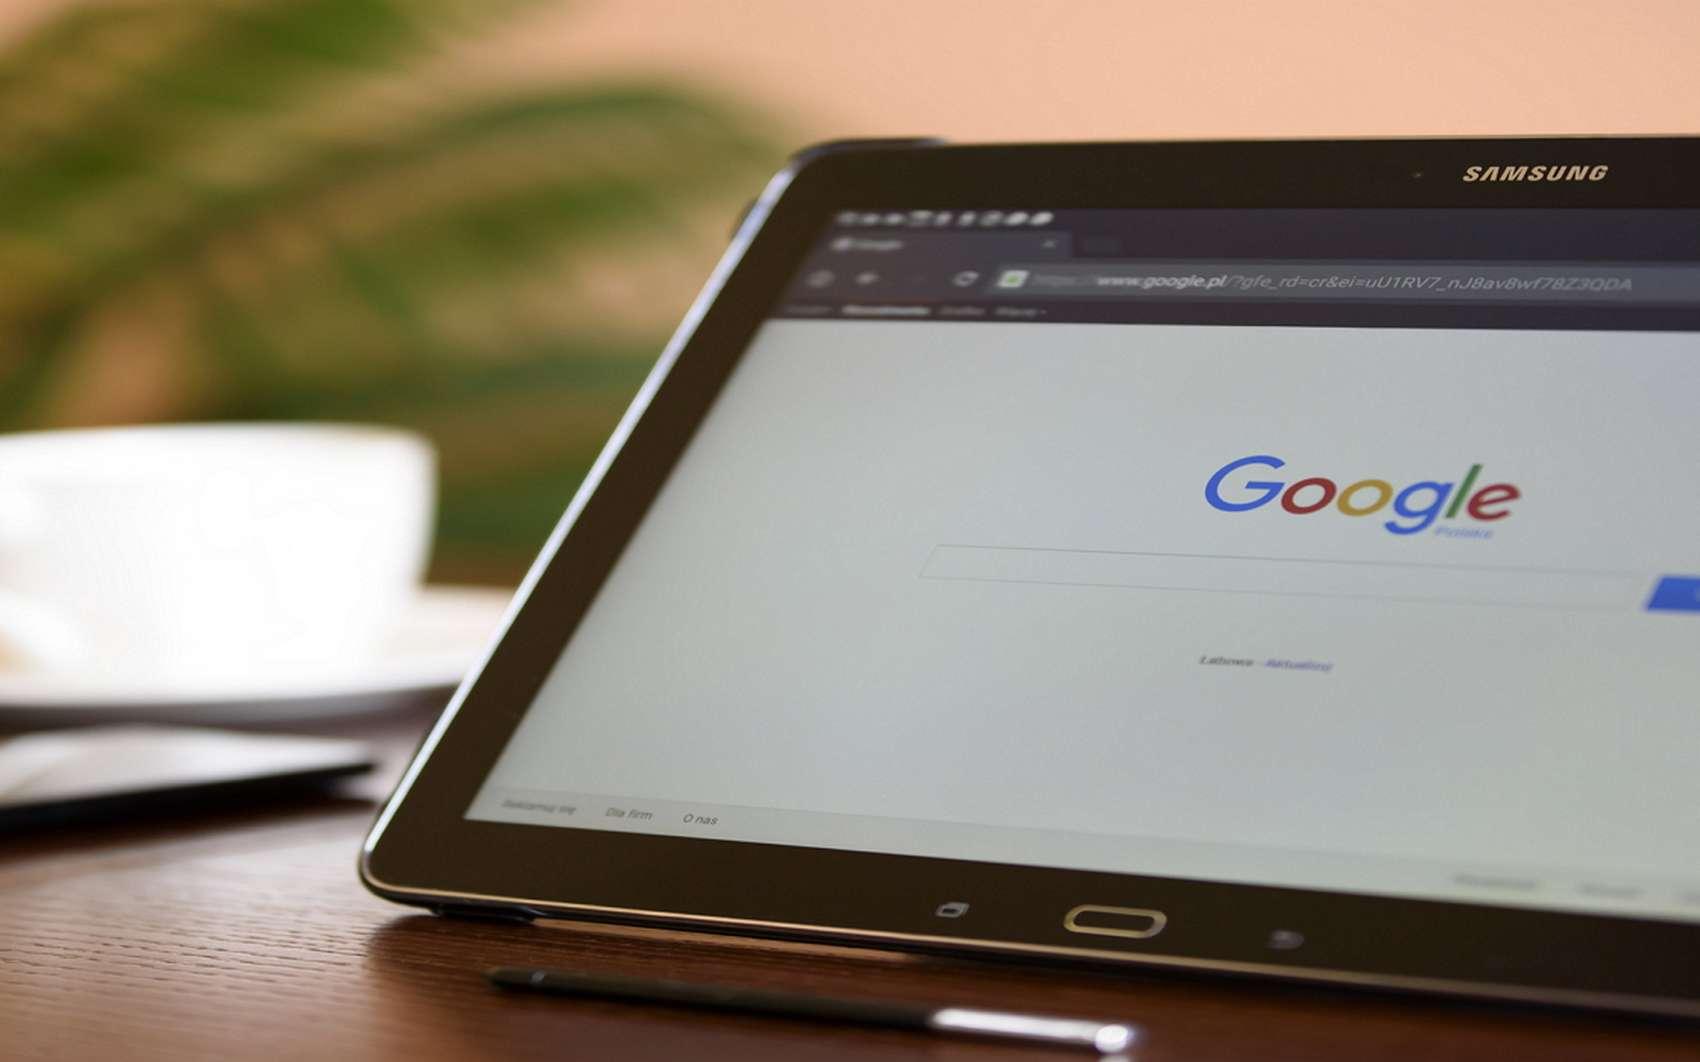 Futura vous dévoile comment s'identifier sur les services Google au moyen de son smartphone Android. © pxhere